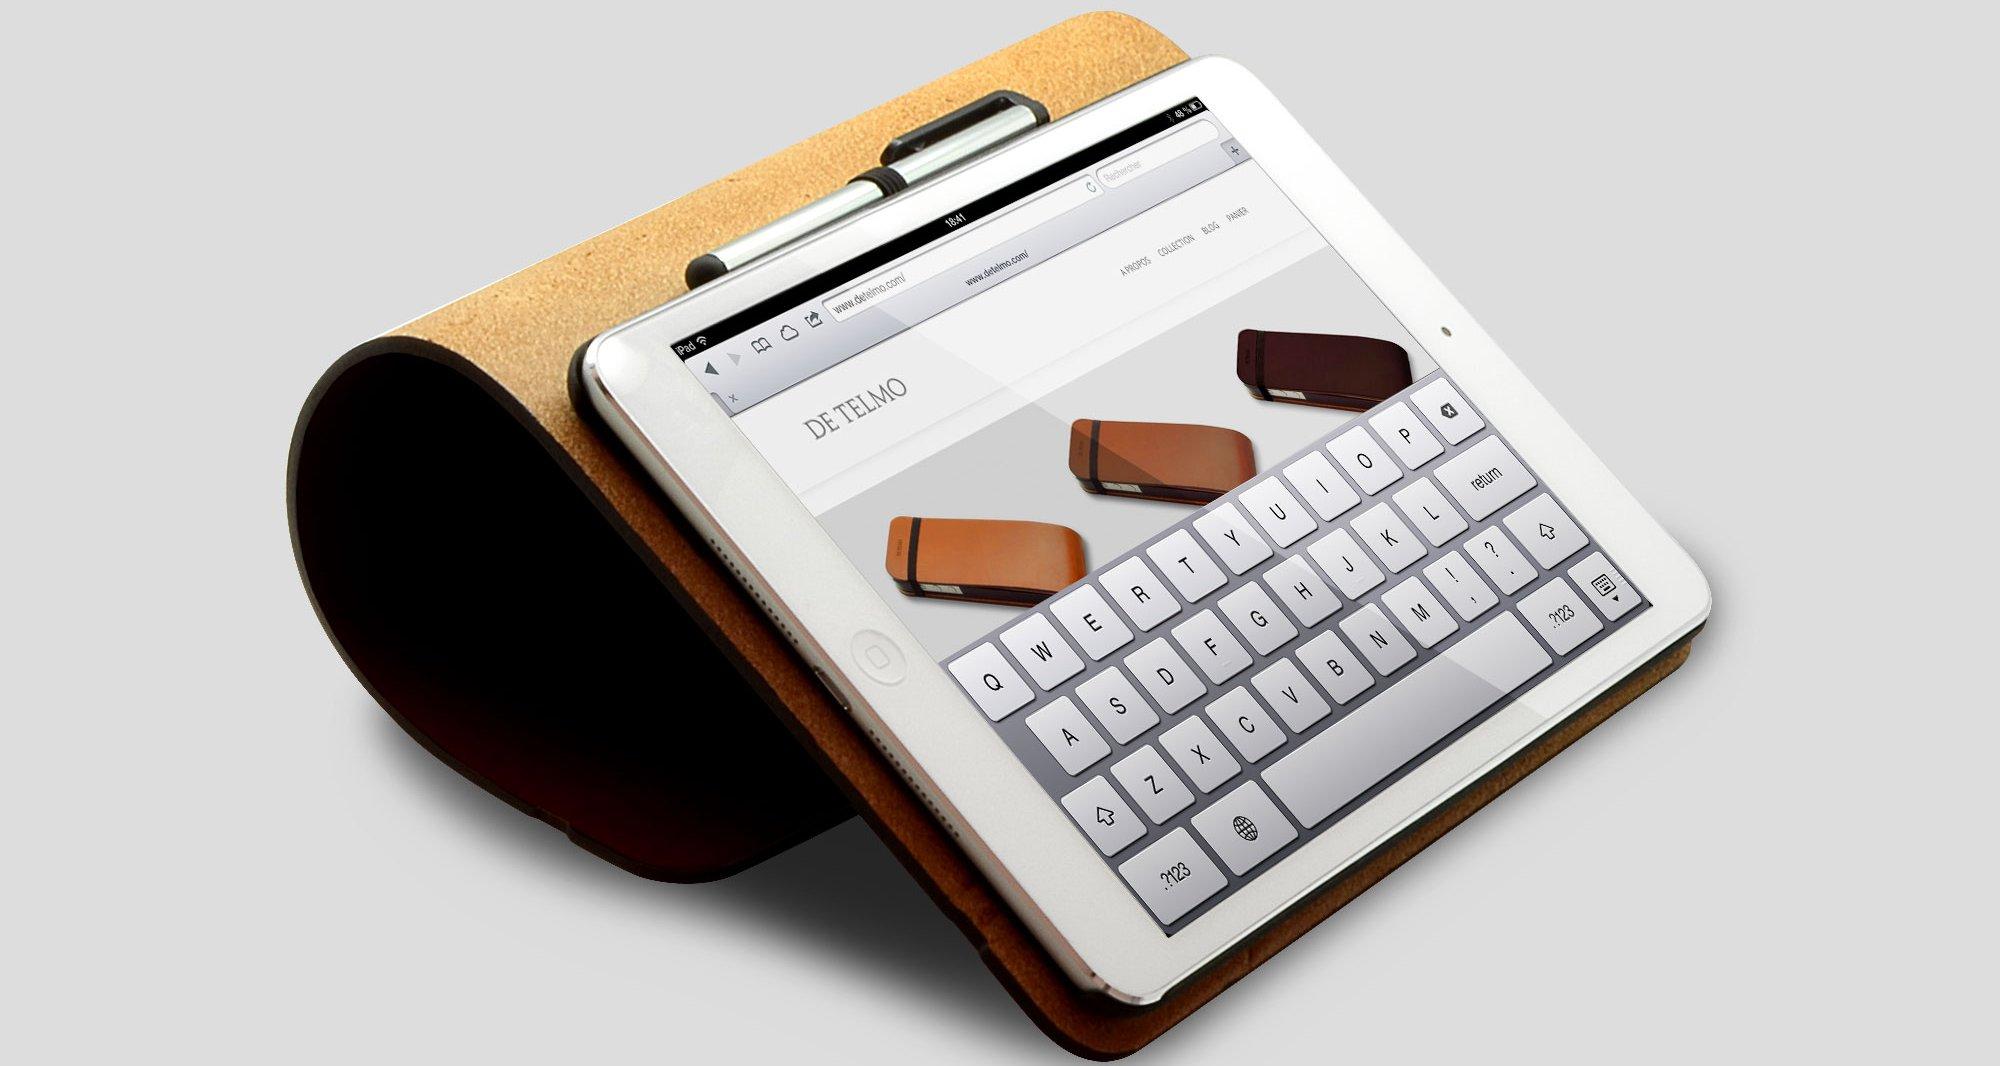 housses de telmo housse de luxe en cuir pour iphone ou. Black Bedroom Furniture Sets. Home Design Ideas